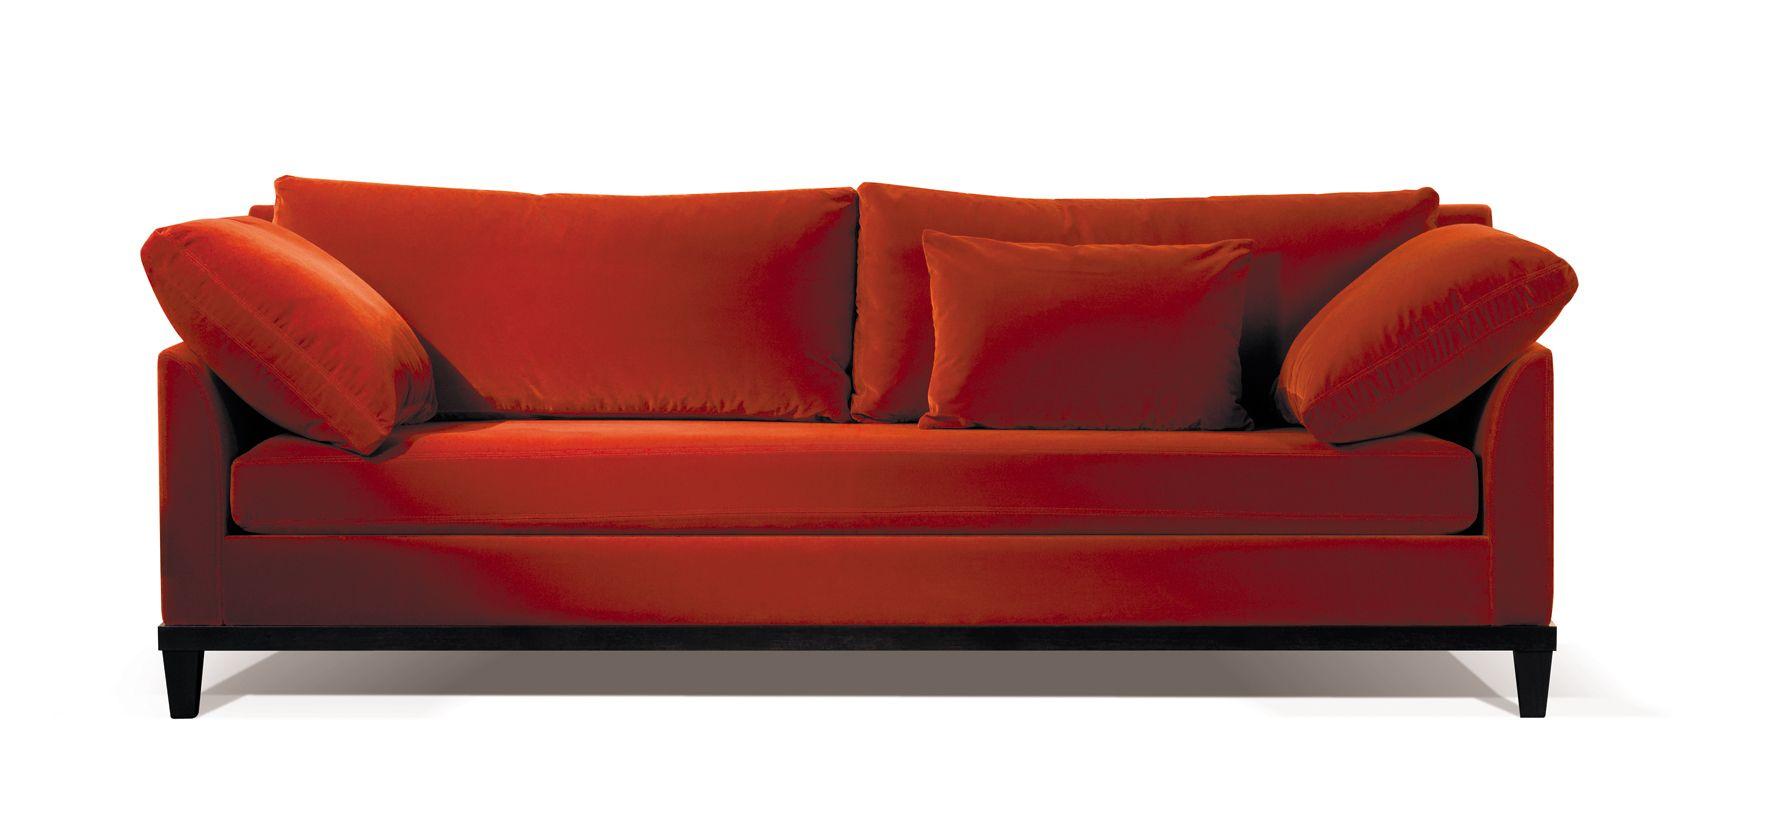 Canape En Velours Rouge Signe Duvivier Le Haut De Gamme 100 Made In France Modele Decline En Tissu Et En Cuir Coup De Sofa En Velours Canape Duvivier Canape